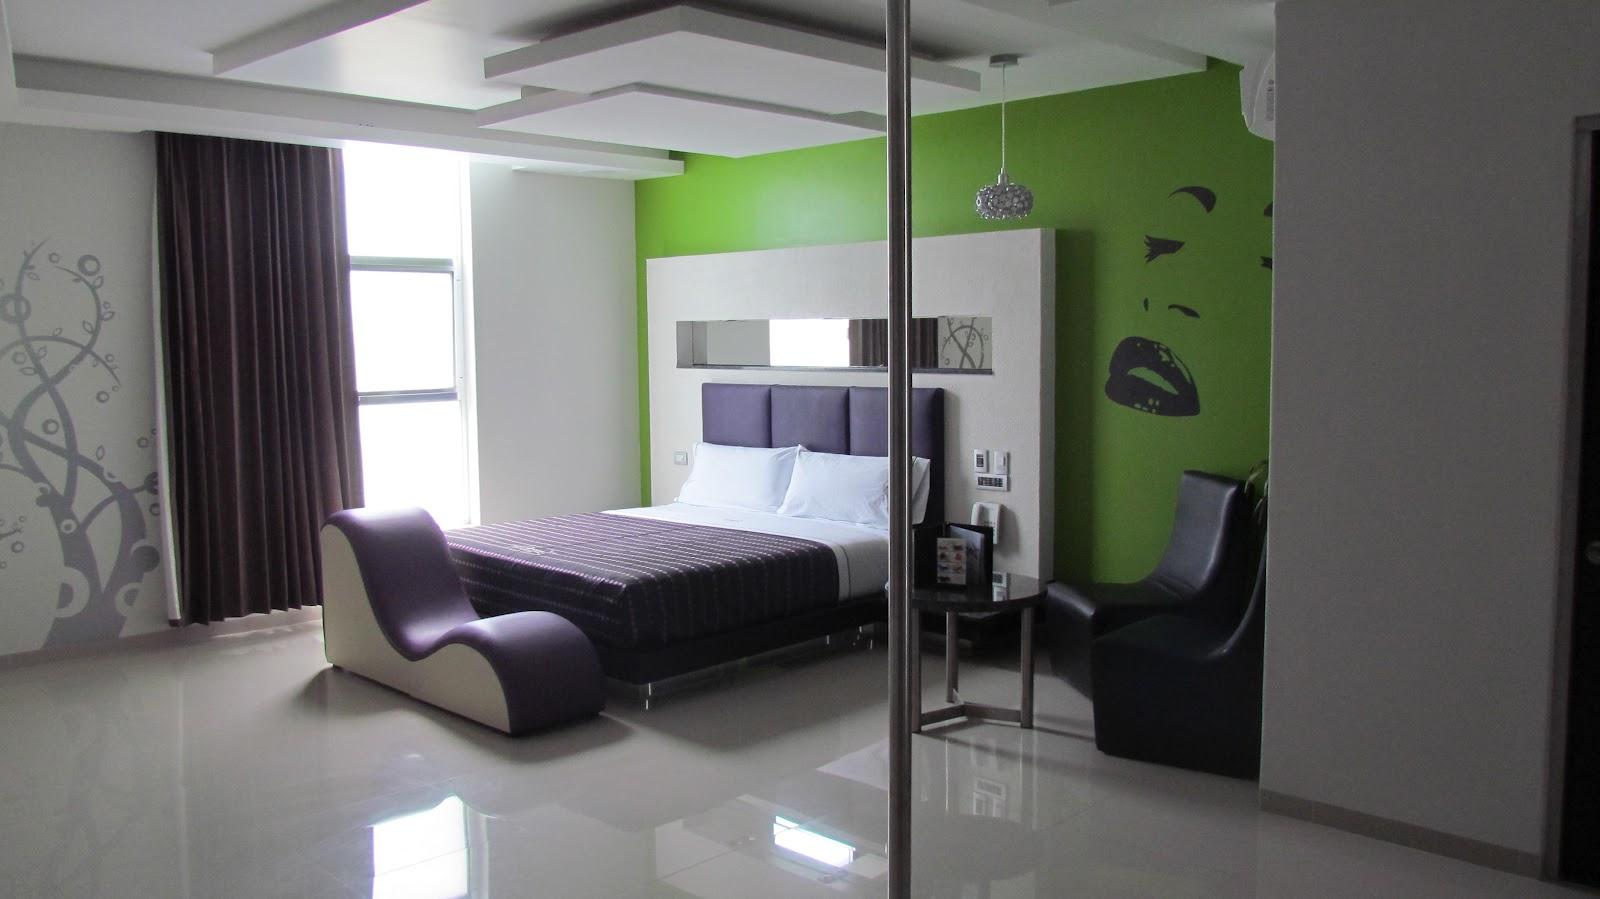 Moteleros de guadalajara motel dreams actualizacion for Cuarto para las 8